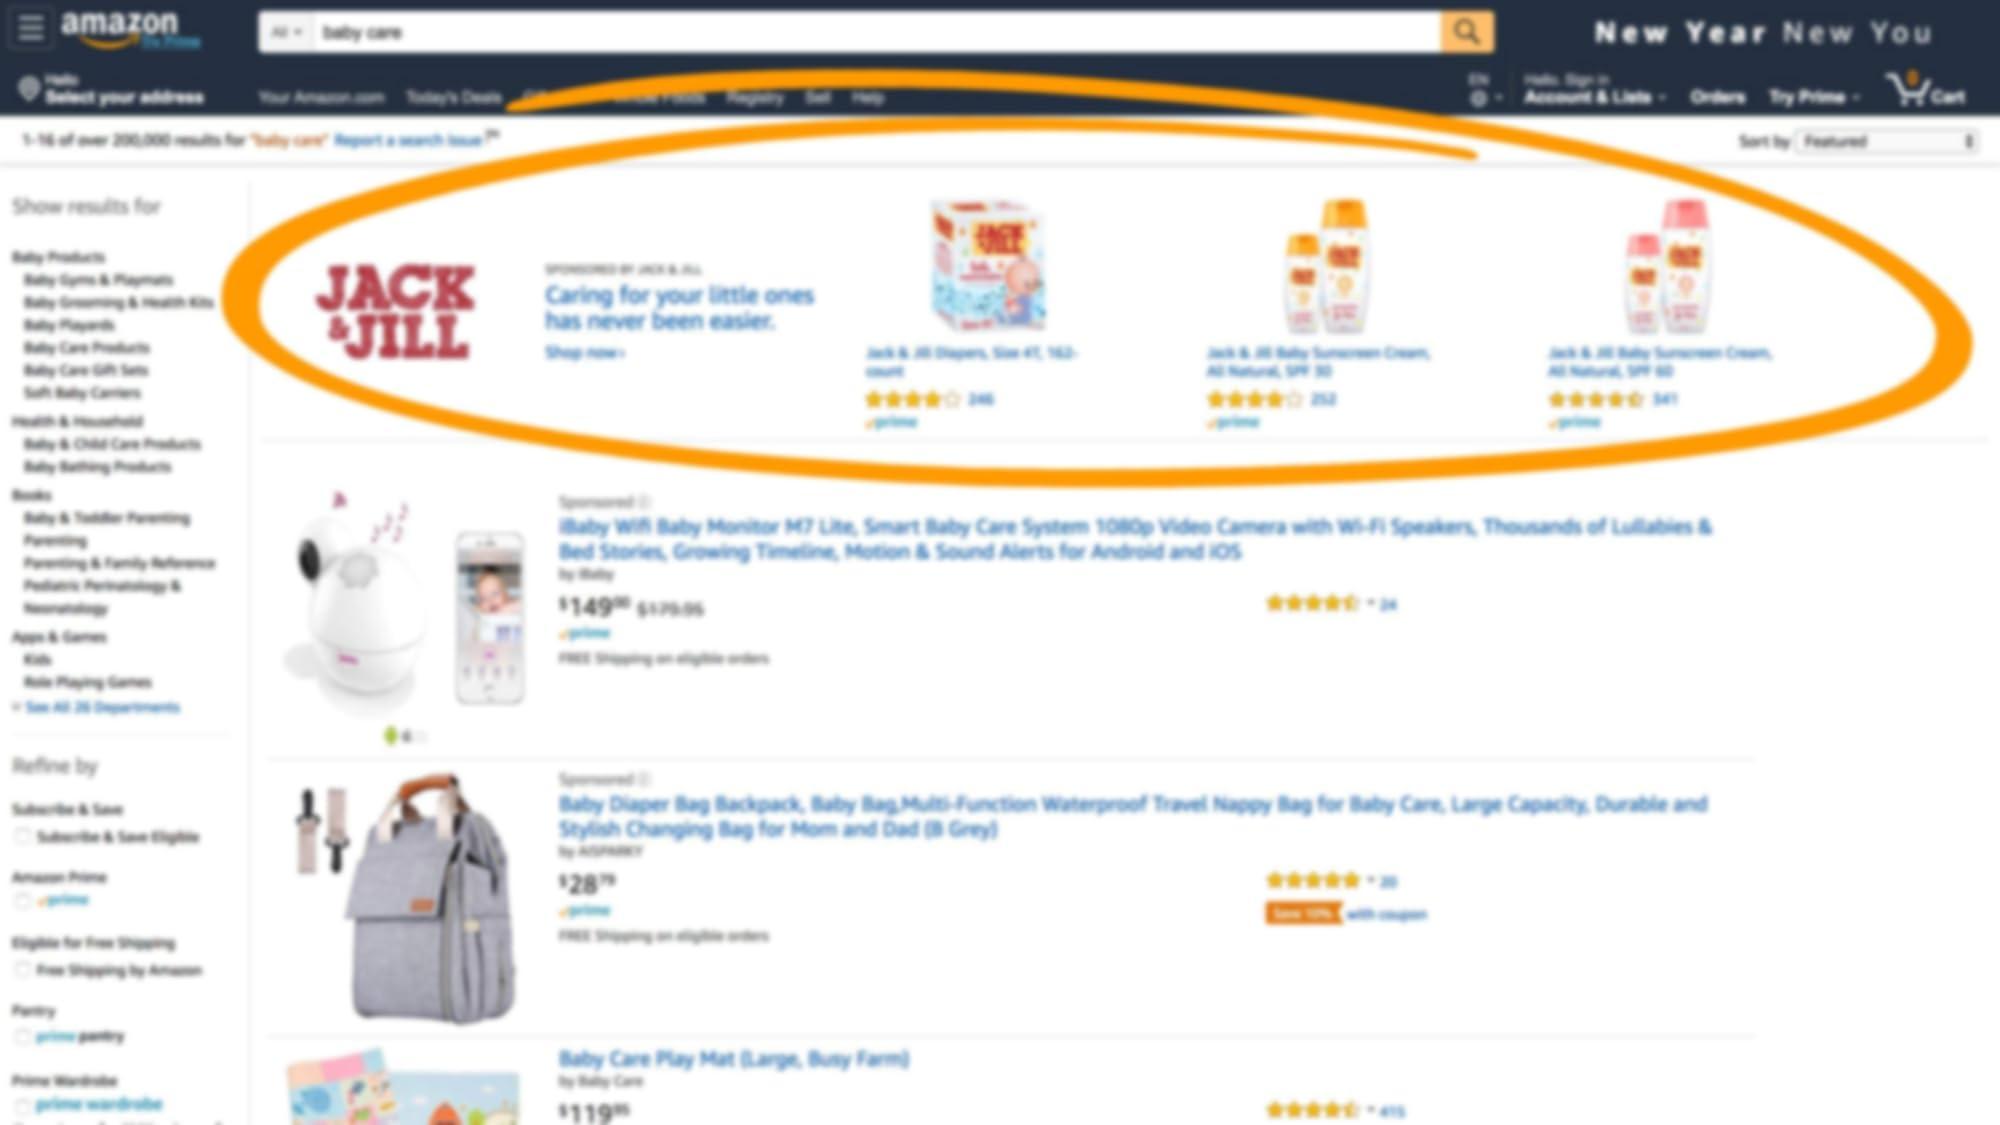 亚马逊品牌推广广告